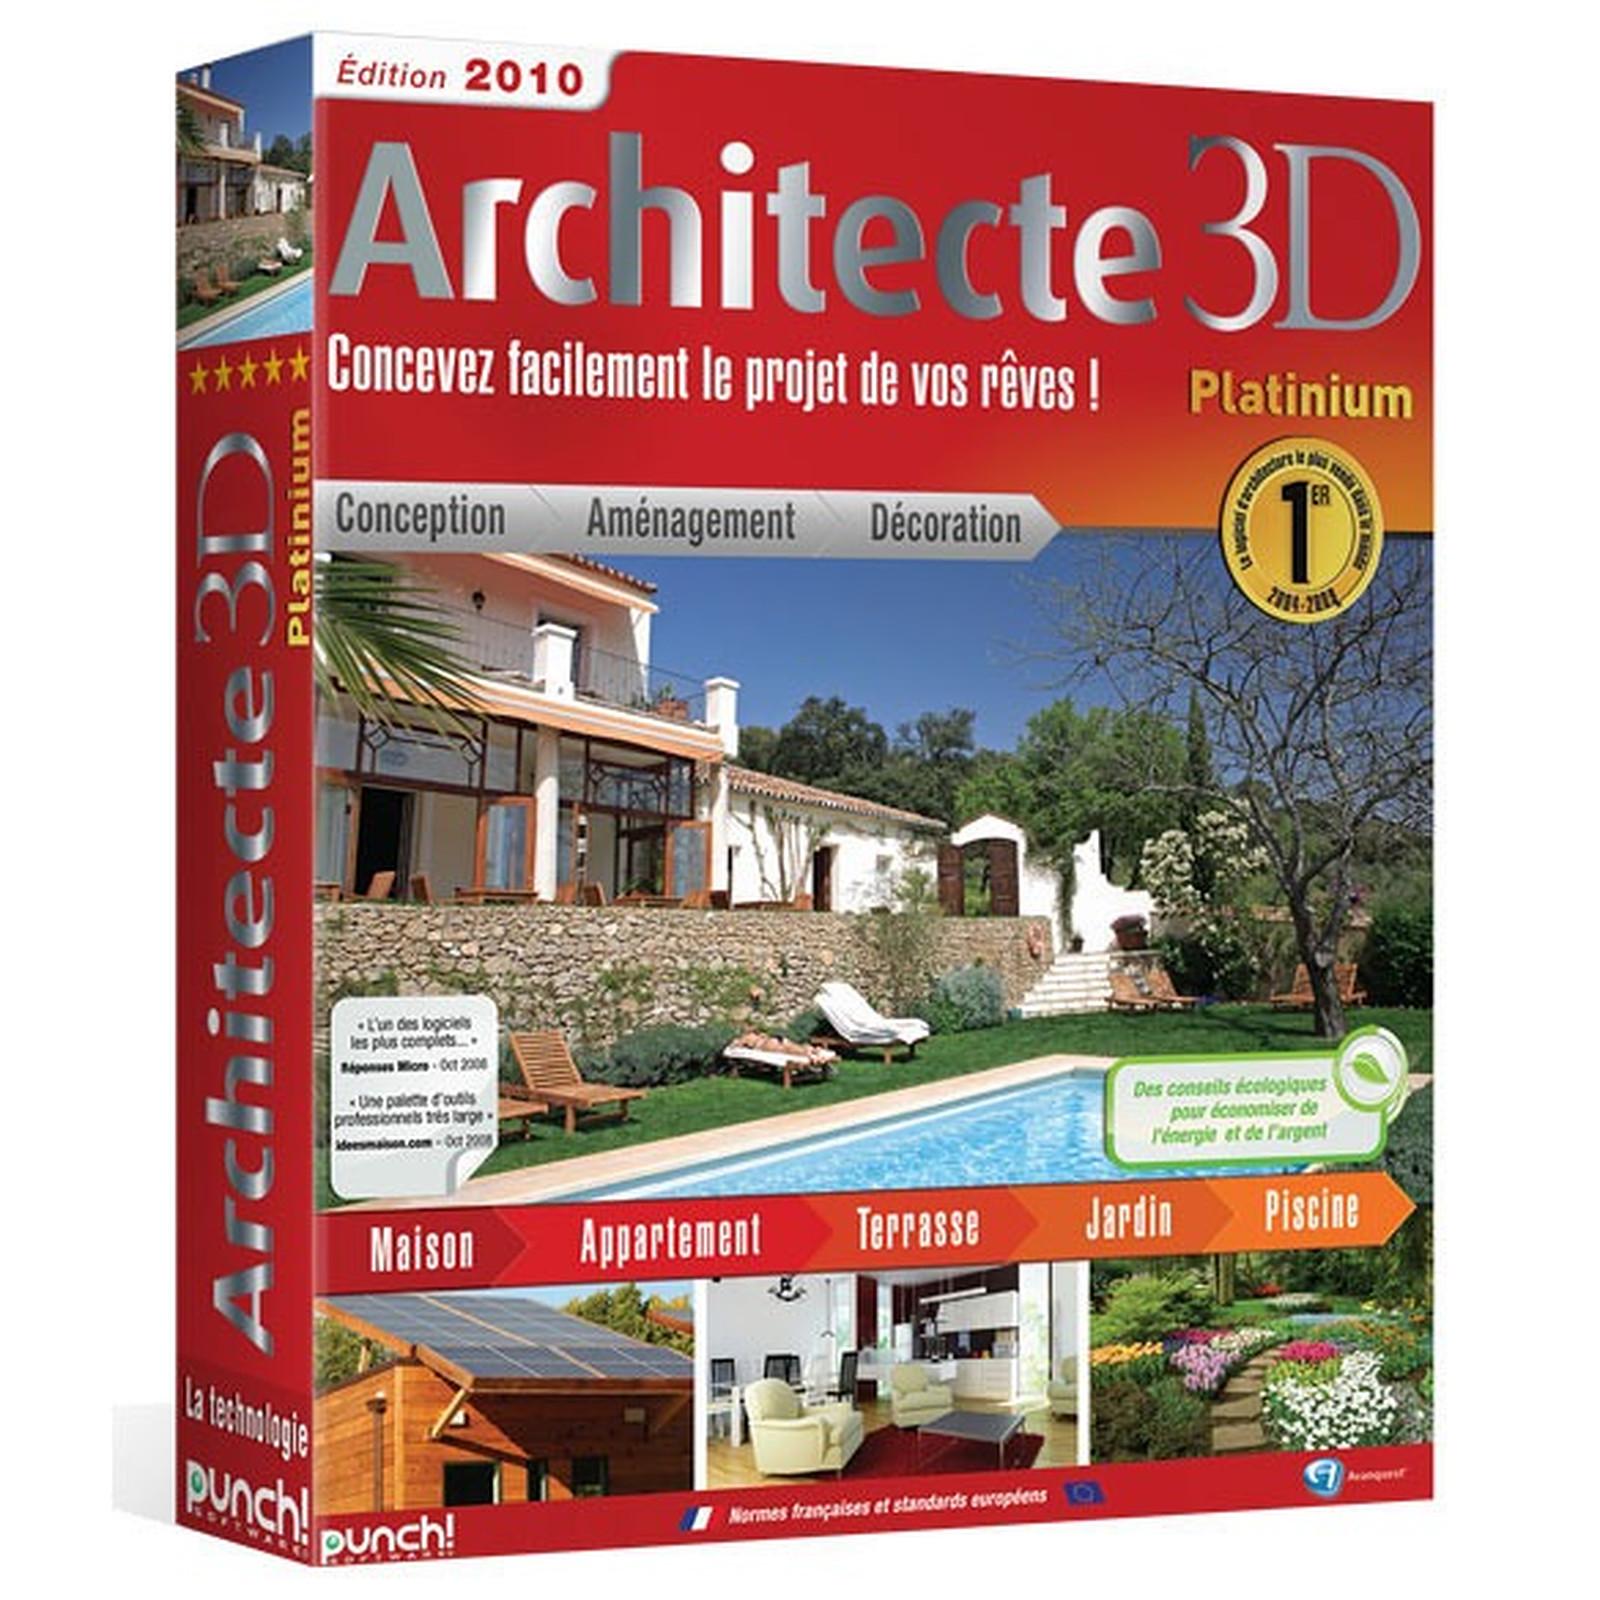 Architecte 3d Platinum 2010 Avanquest France Sur Ldlc Com